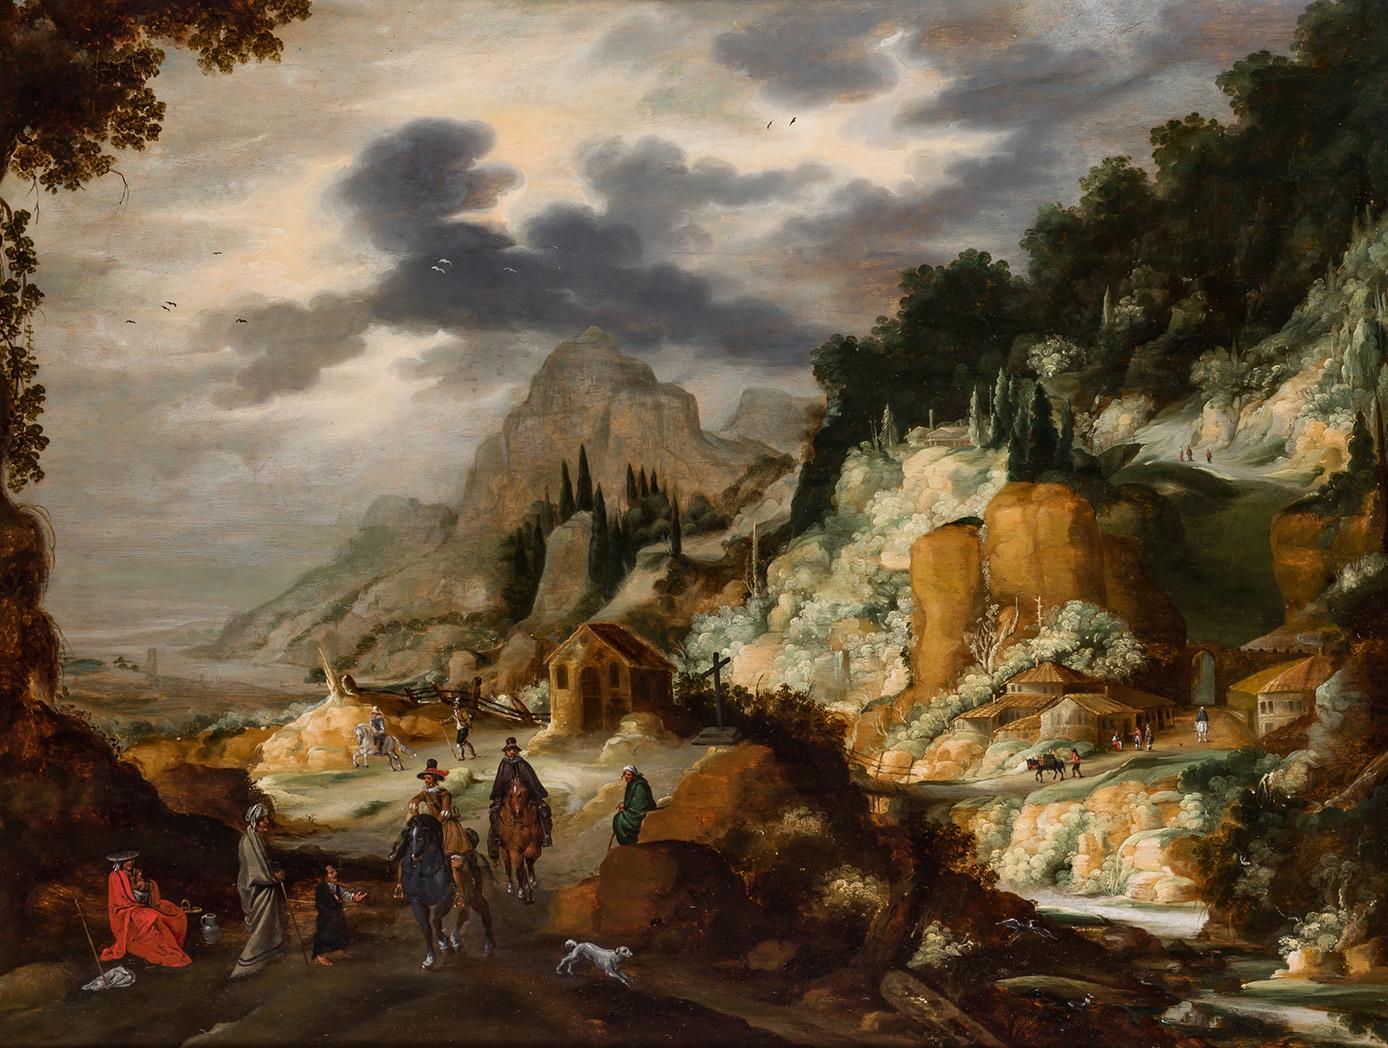 Joos de Momper el joven y Jan Brueghel el viejo. Paisaje con personajes. Salida y remate: 125.000 euros